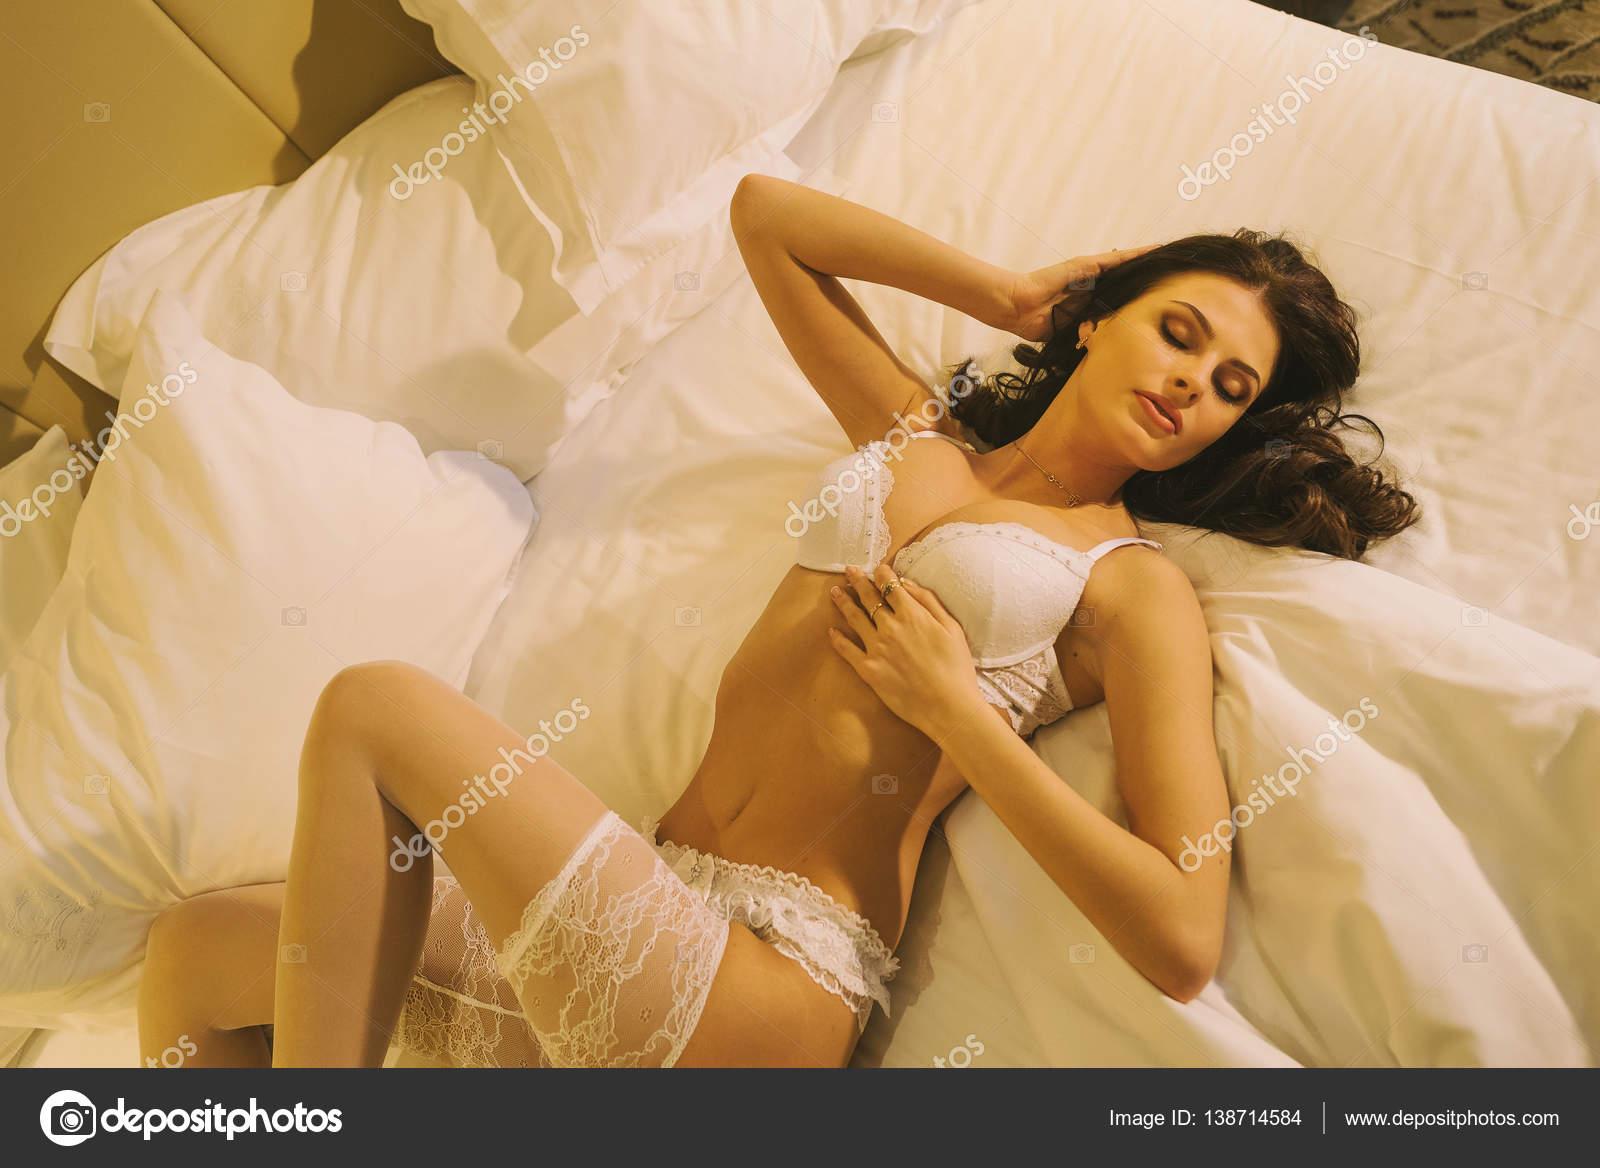 Сексуальная невеста лежит на кровати